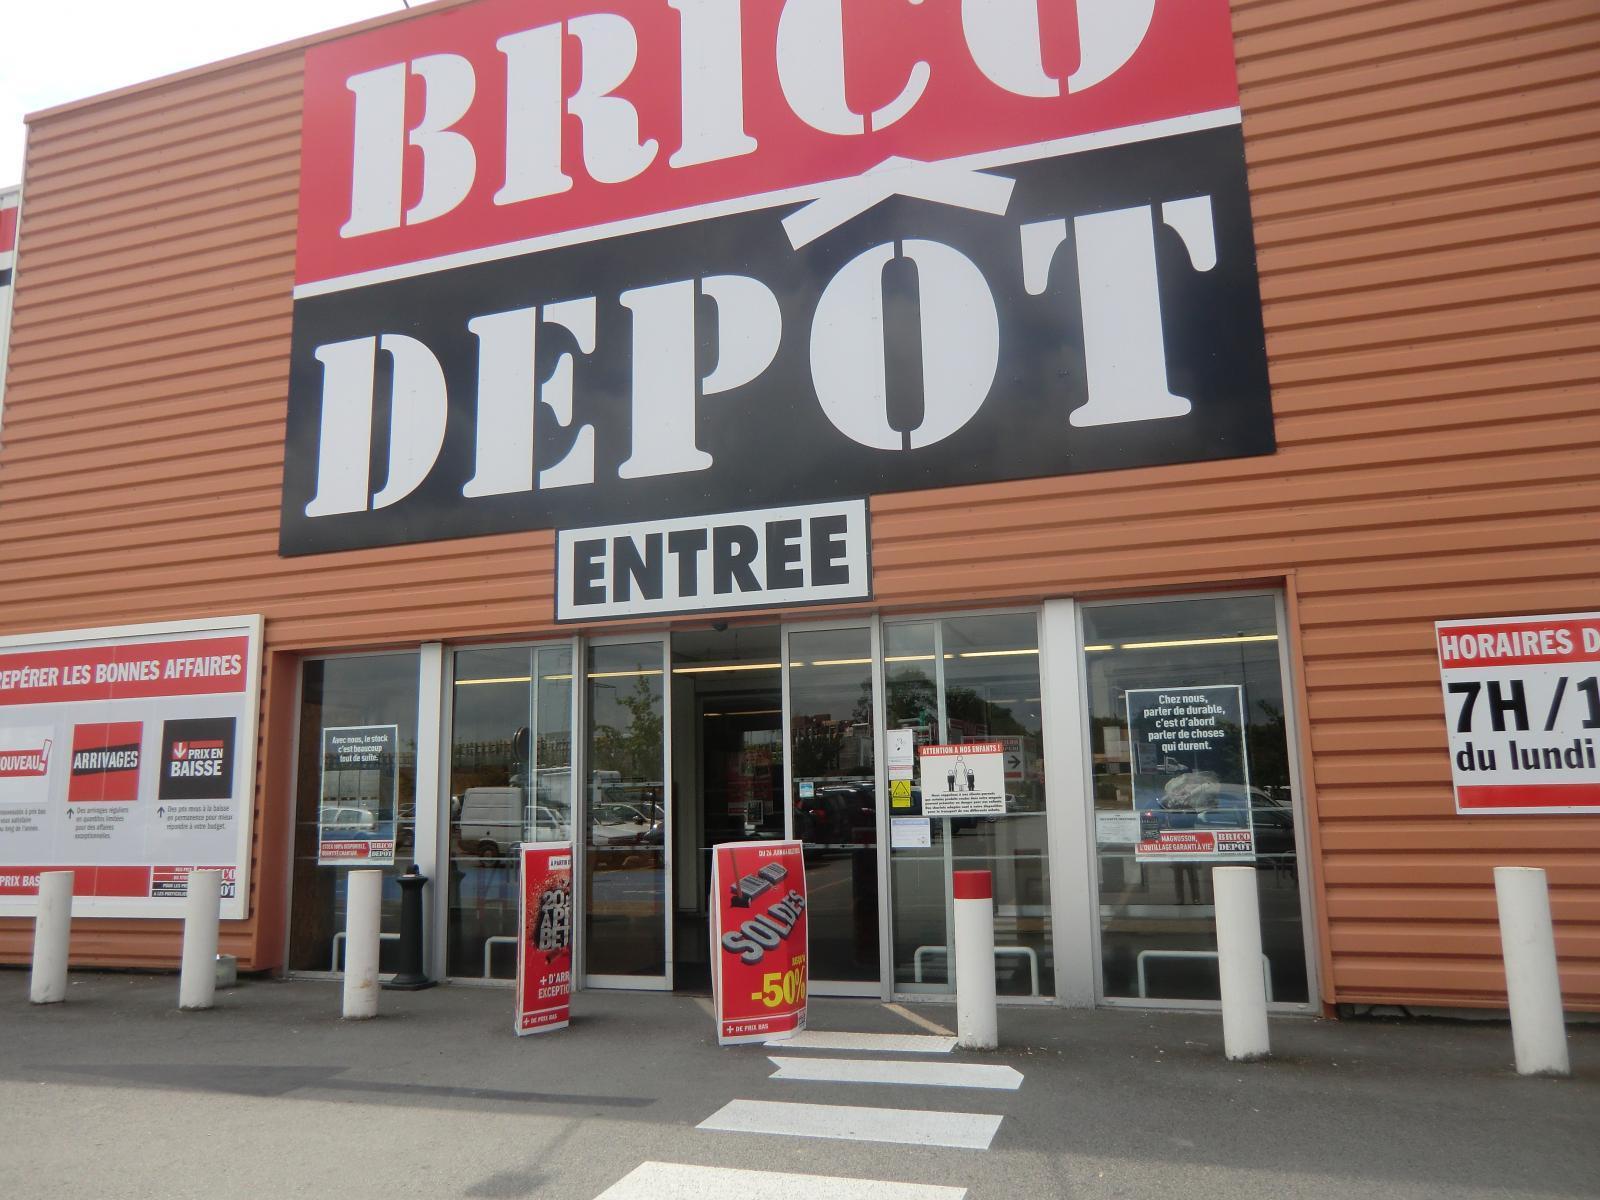 Meuble De Salle De Bain Bricomarché Unique Stock Fer A Beton Brico Depot Ides